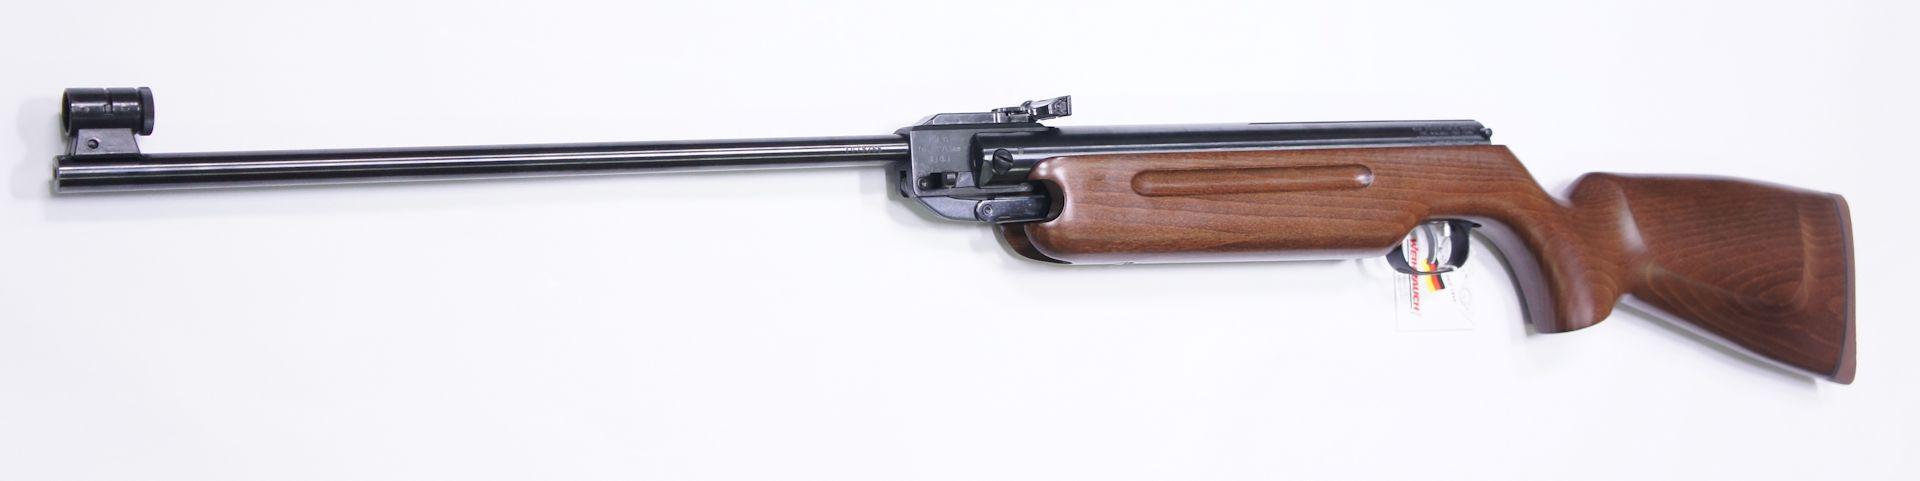 Luftgewehr Weihrauch HW 35